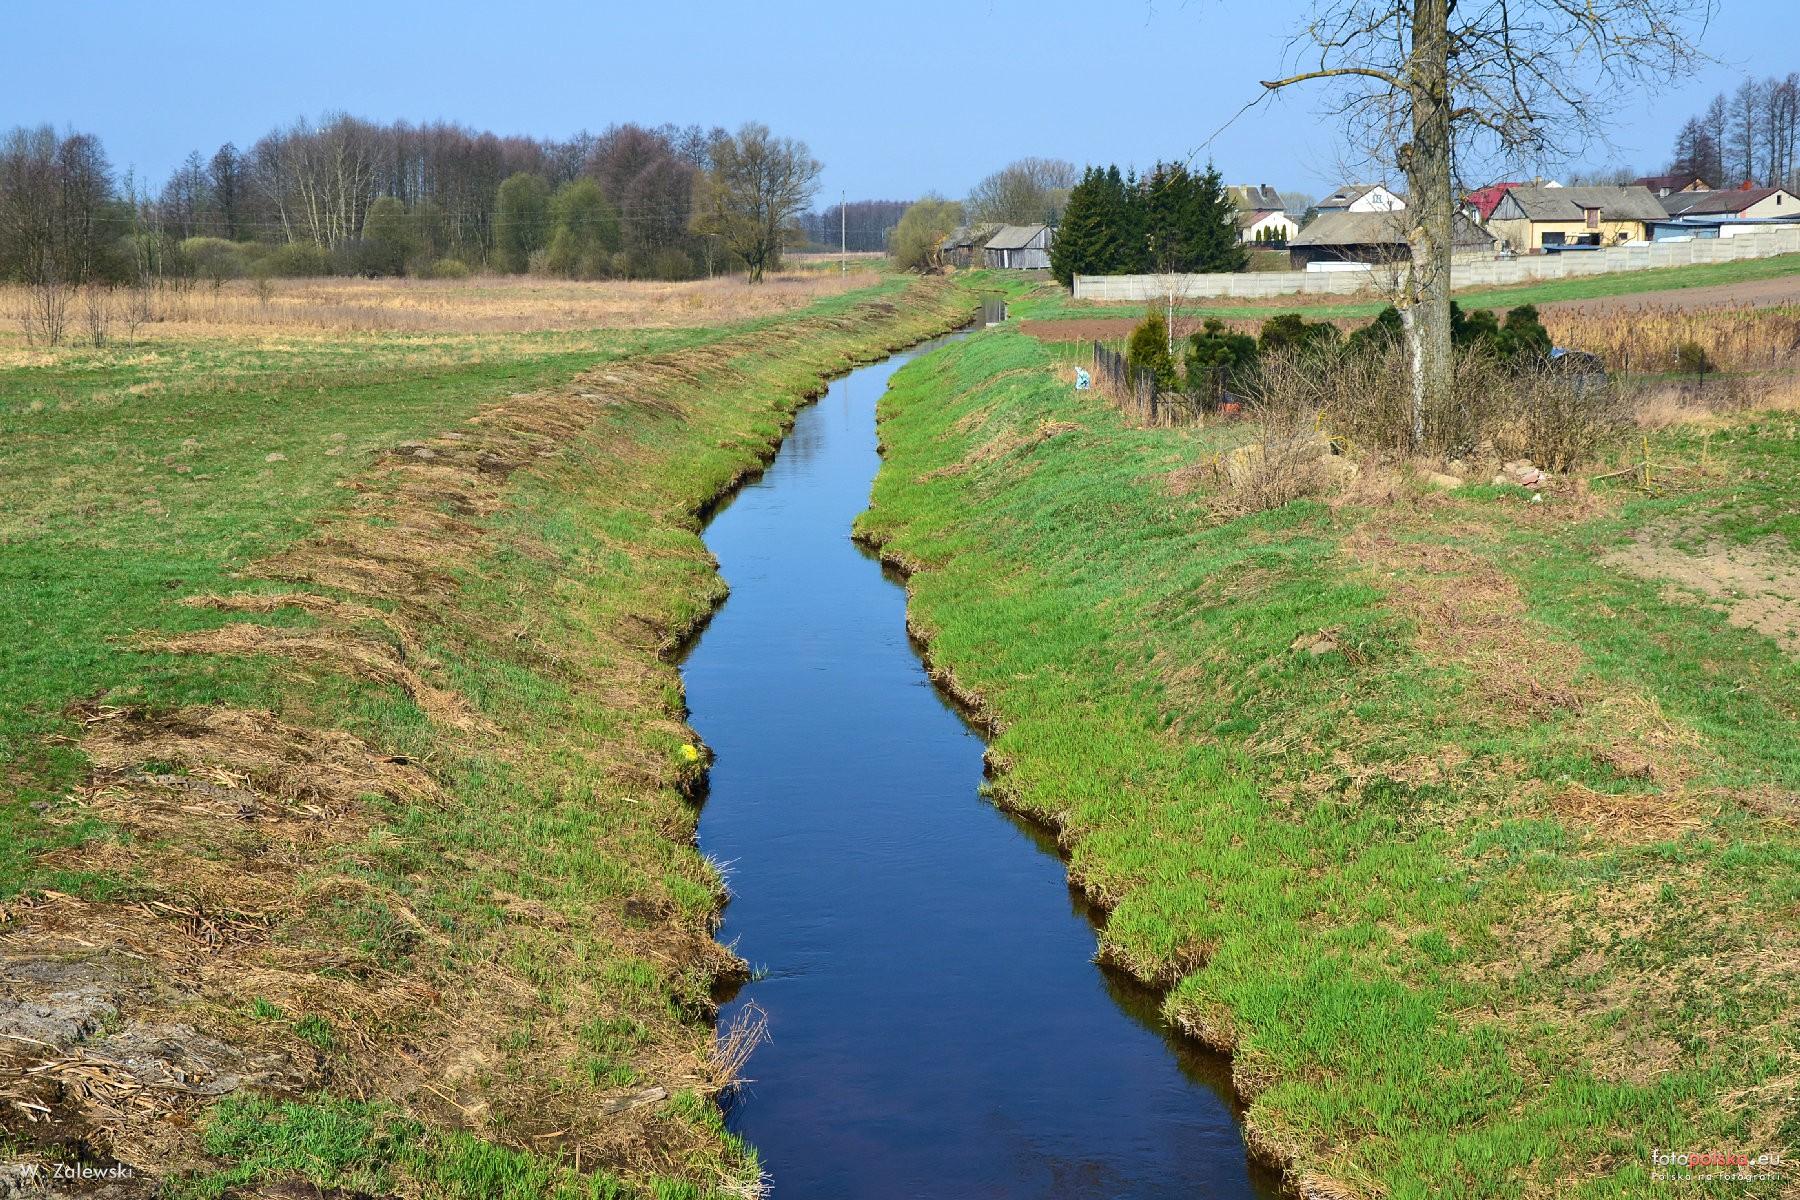 River Liwiec